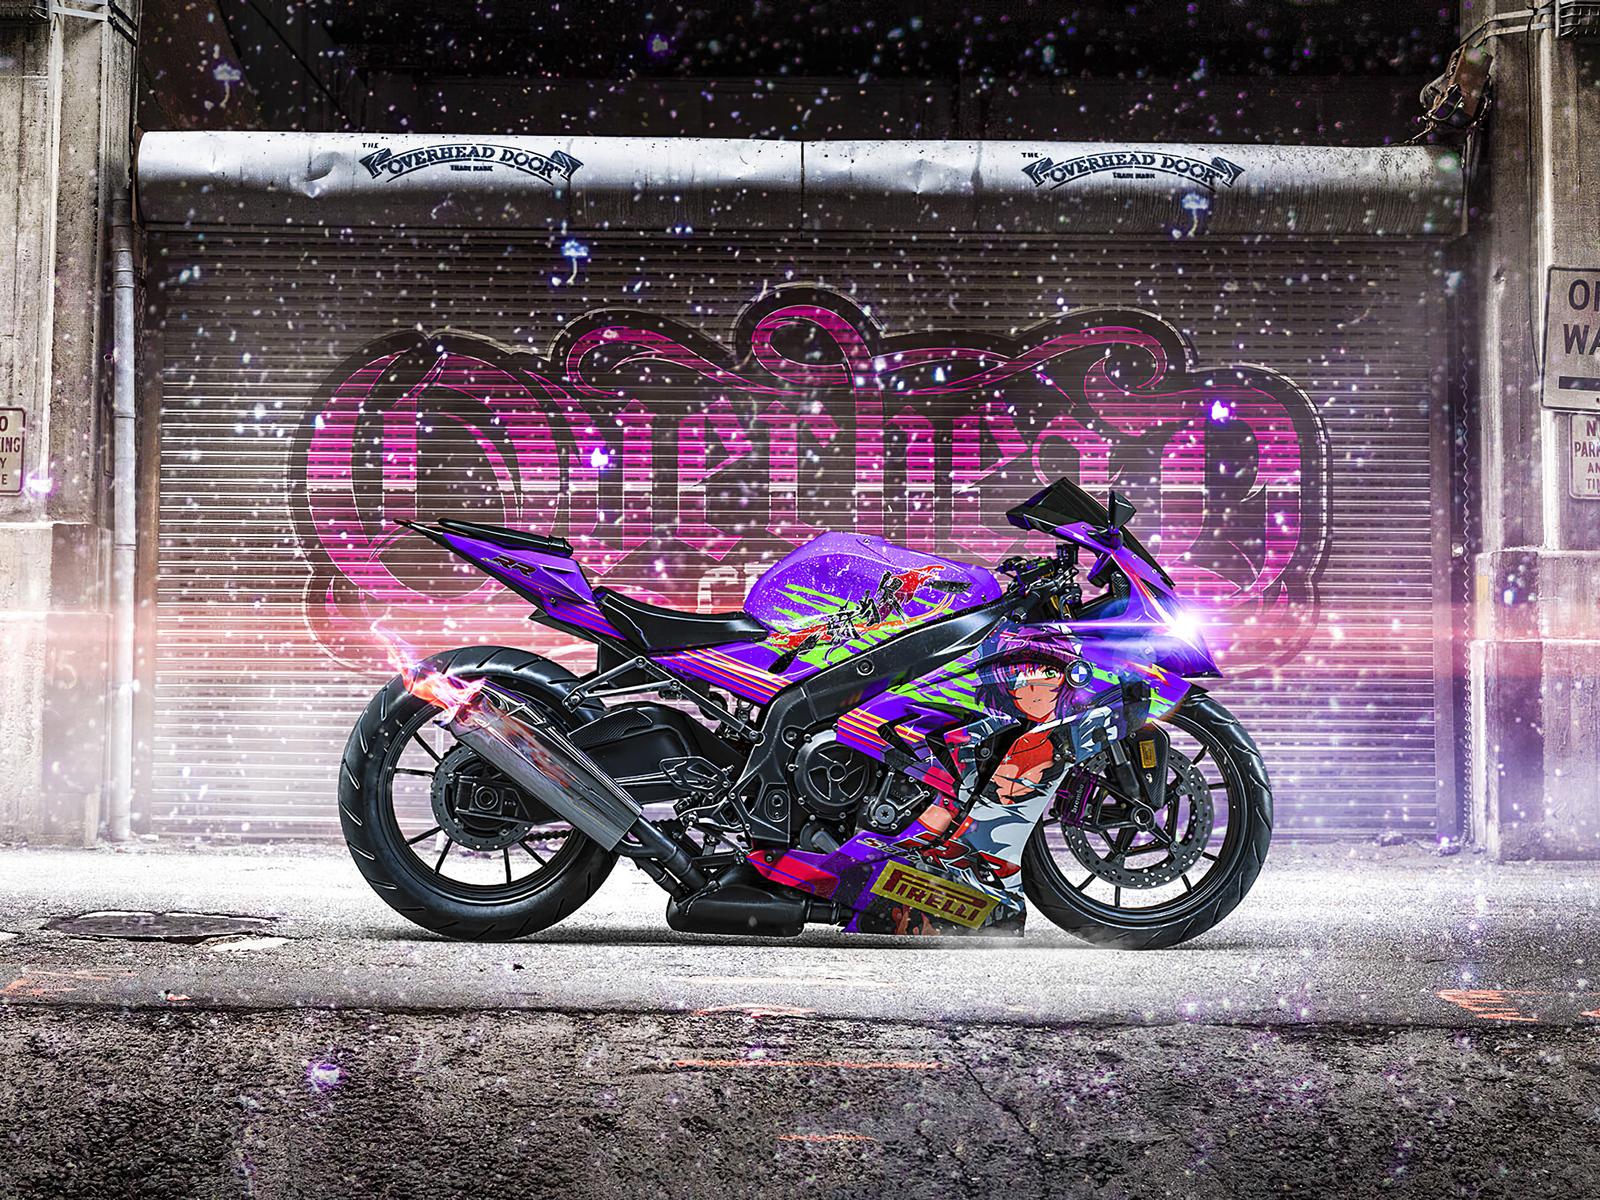 bmw-bike-4k-kk.jpg